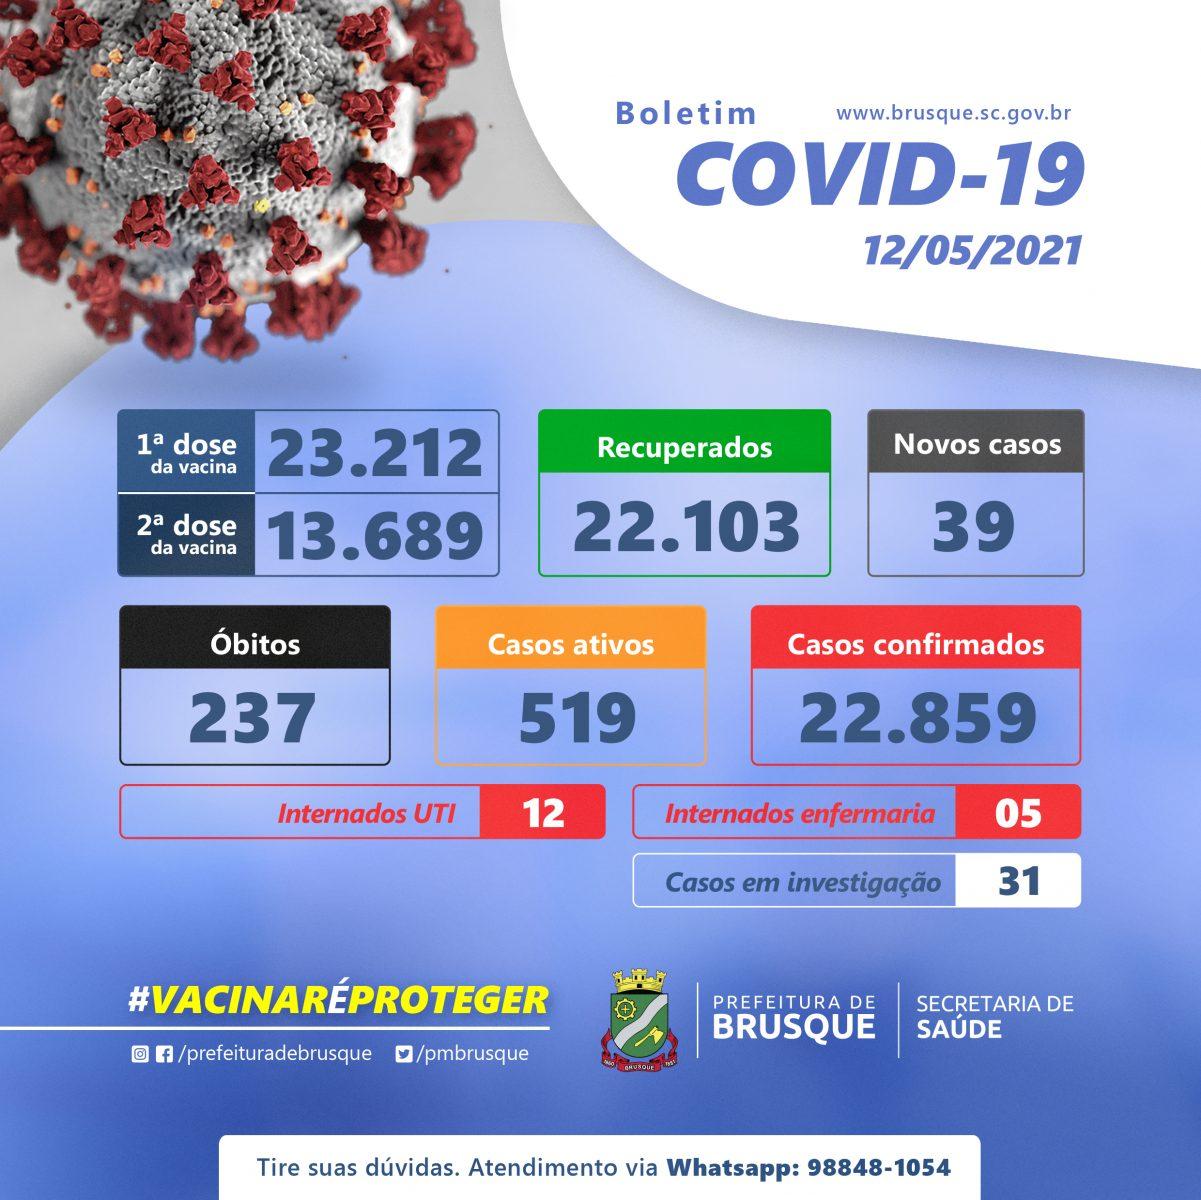 COVID-19: Confira o boletim epidemiológico desta quarta-feira (12)